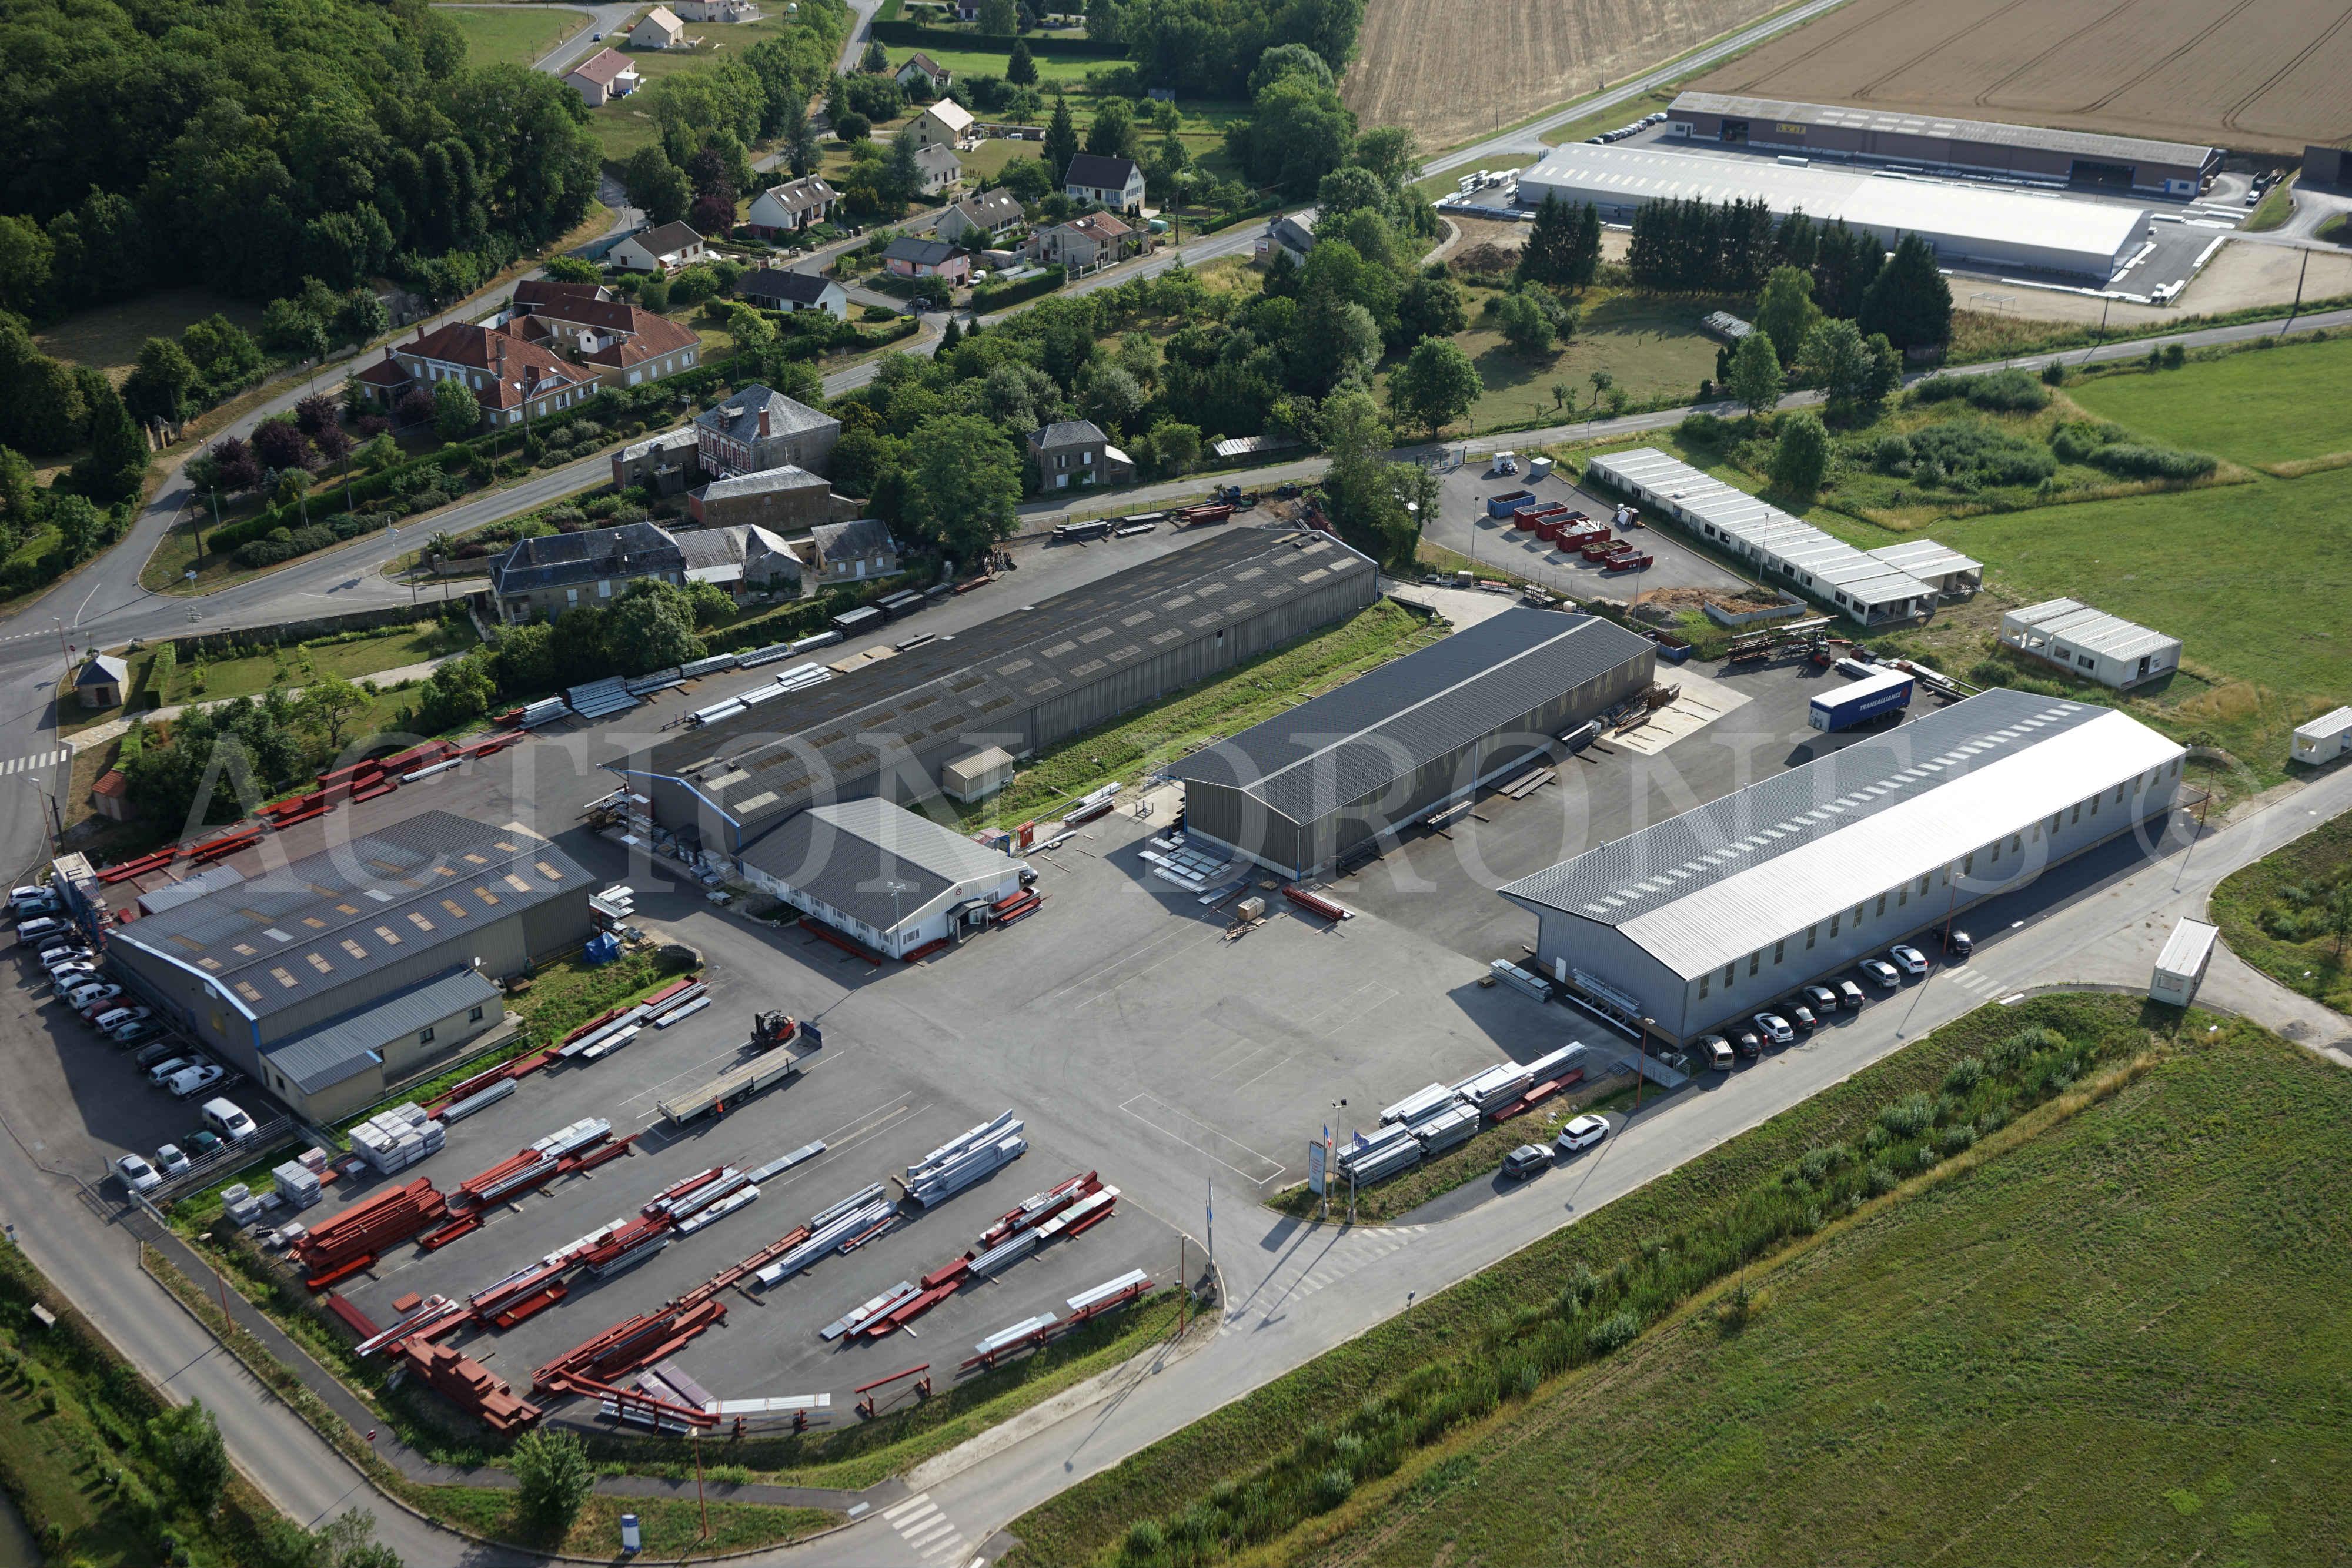 Vue aérienne de l'usine SCREB